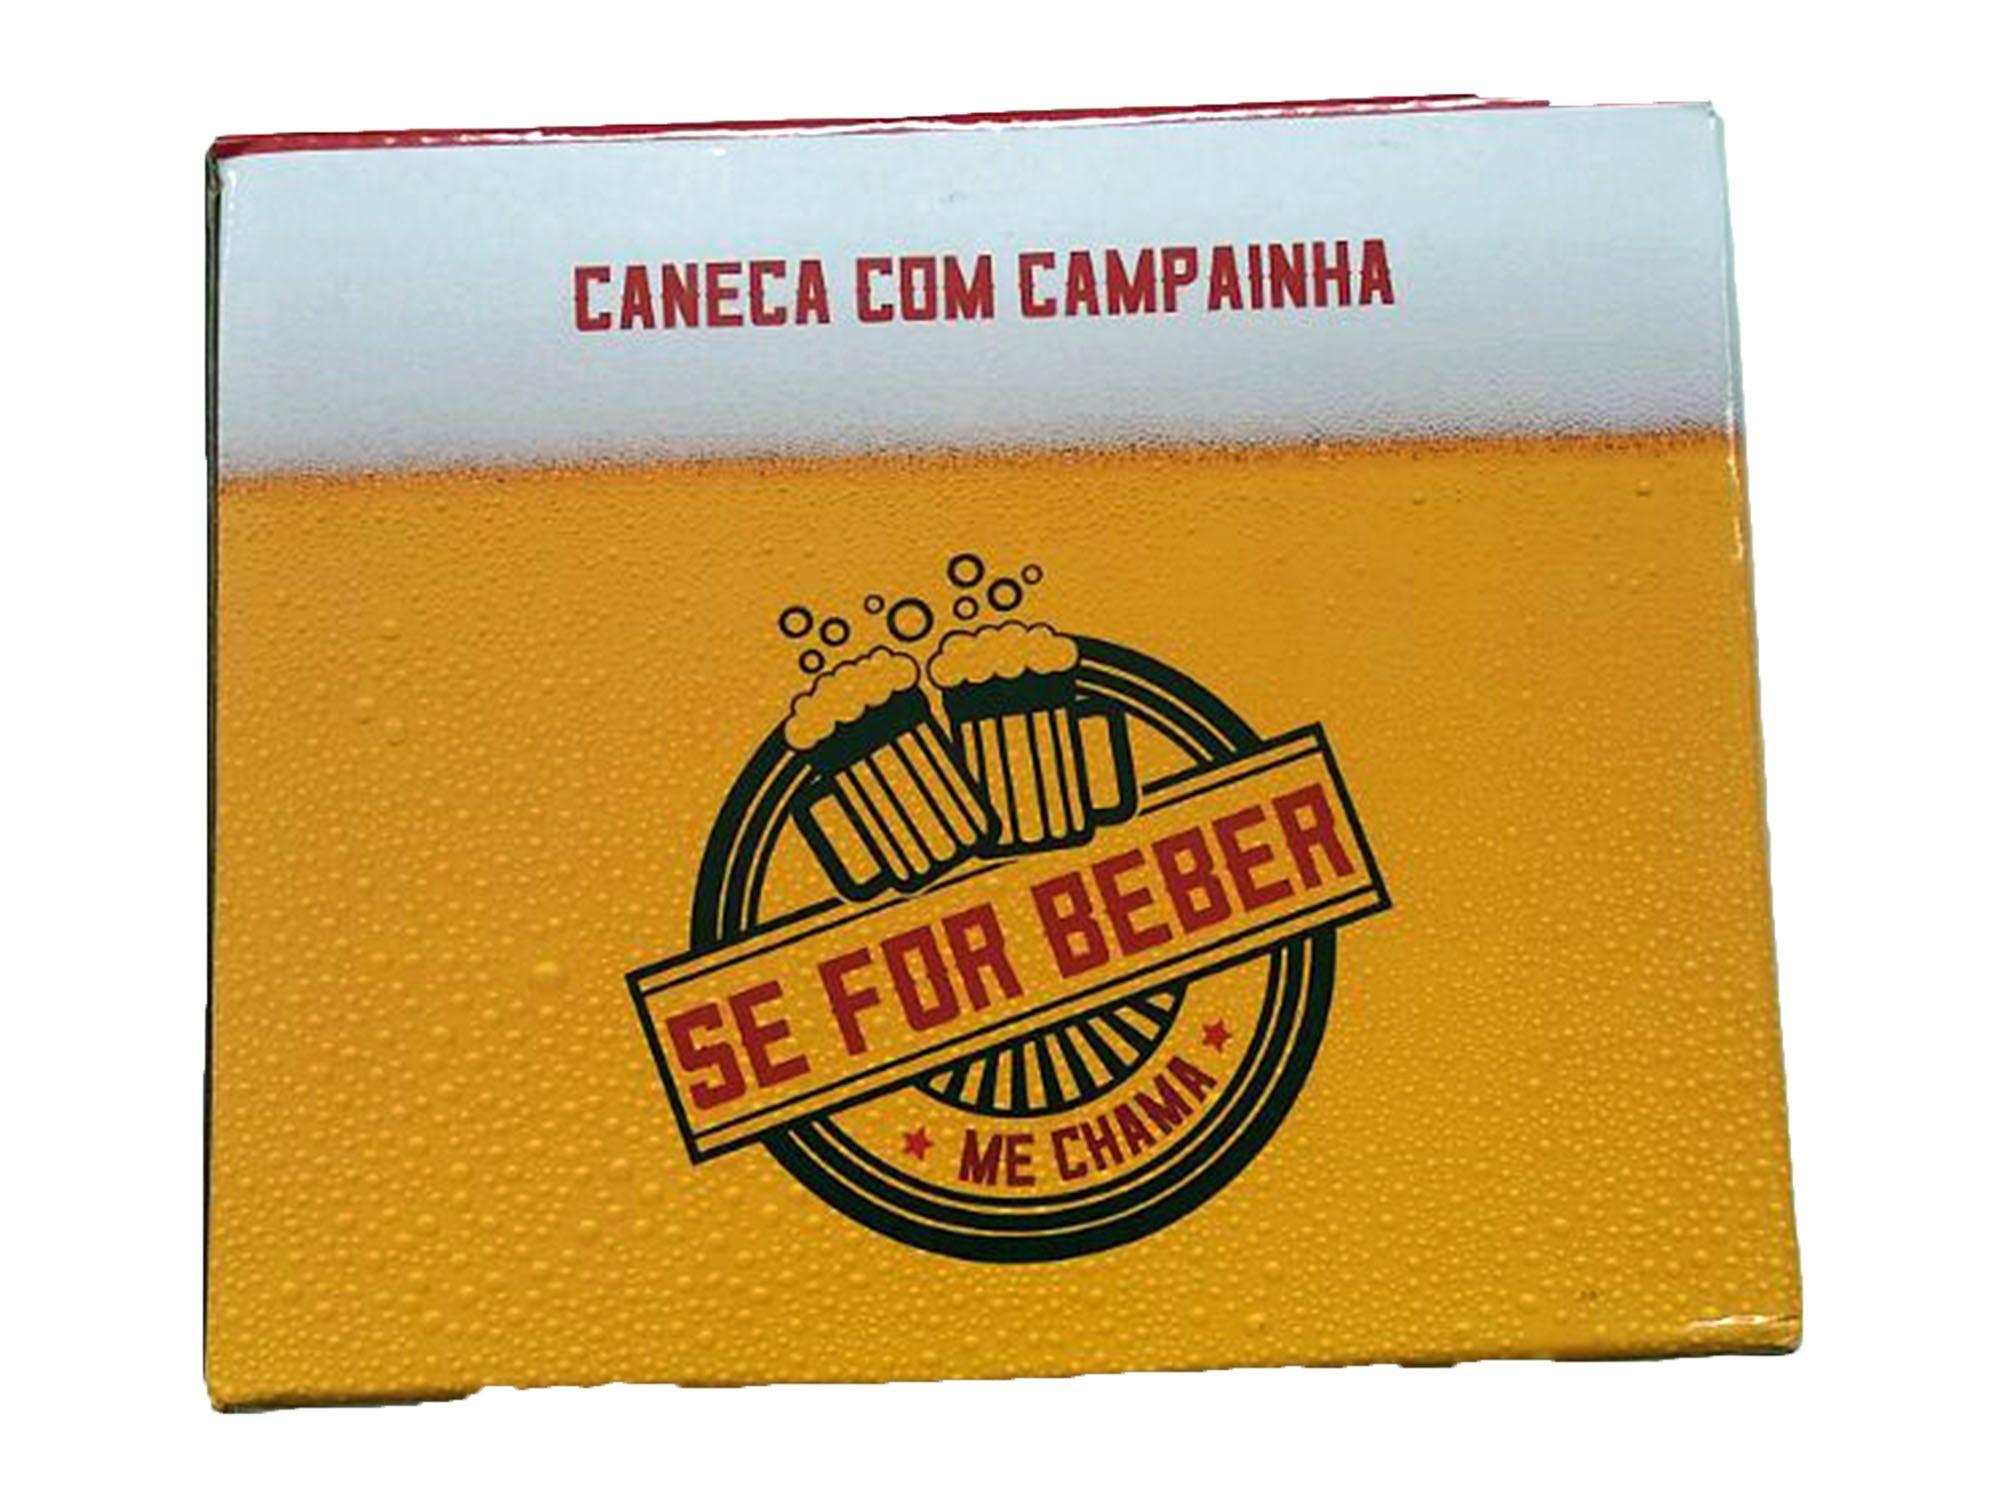 Caneca Campainha Personalizada 400ml